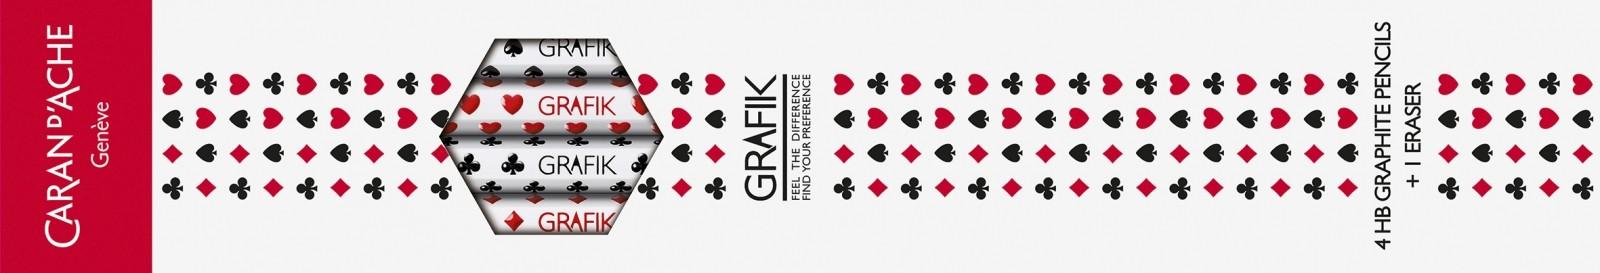 LAPIS GRAFITE HB GRAFIK CARD, 4 UNID C/ BORRACHA